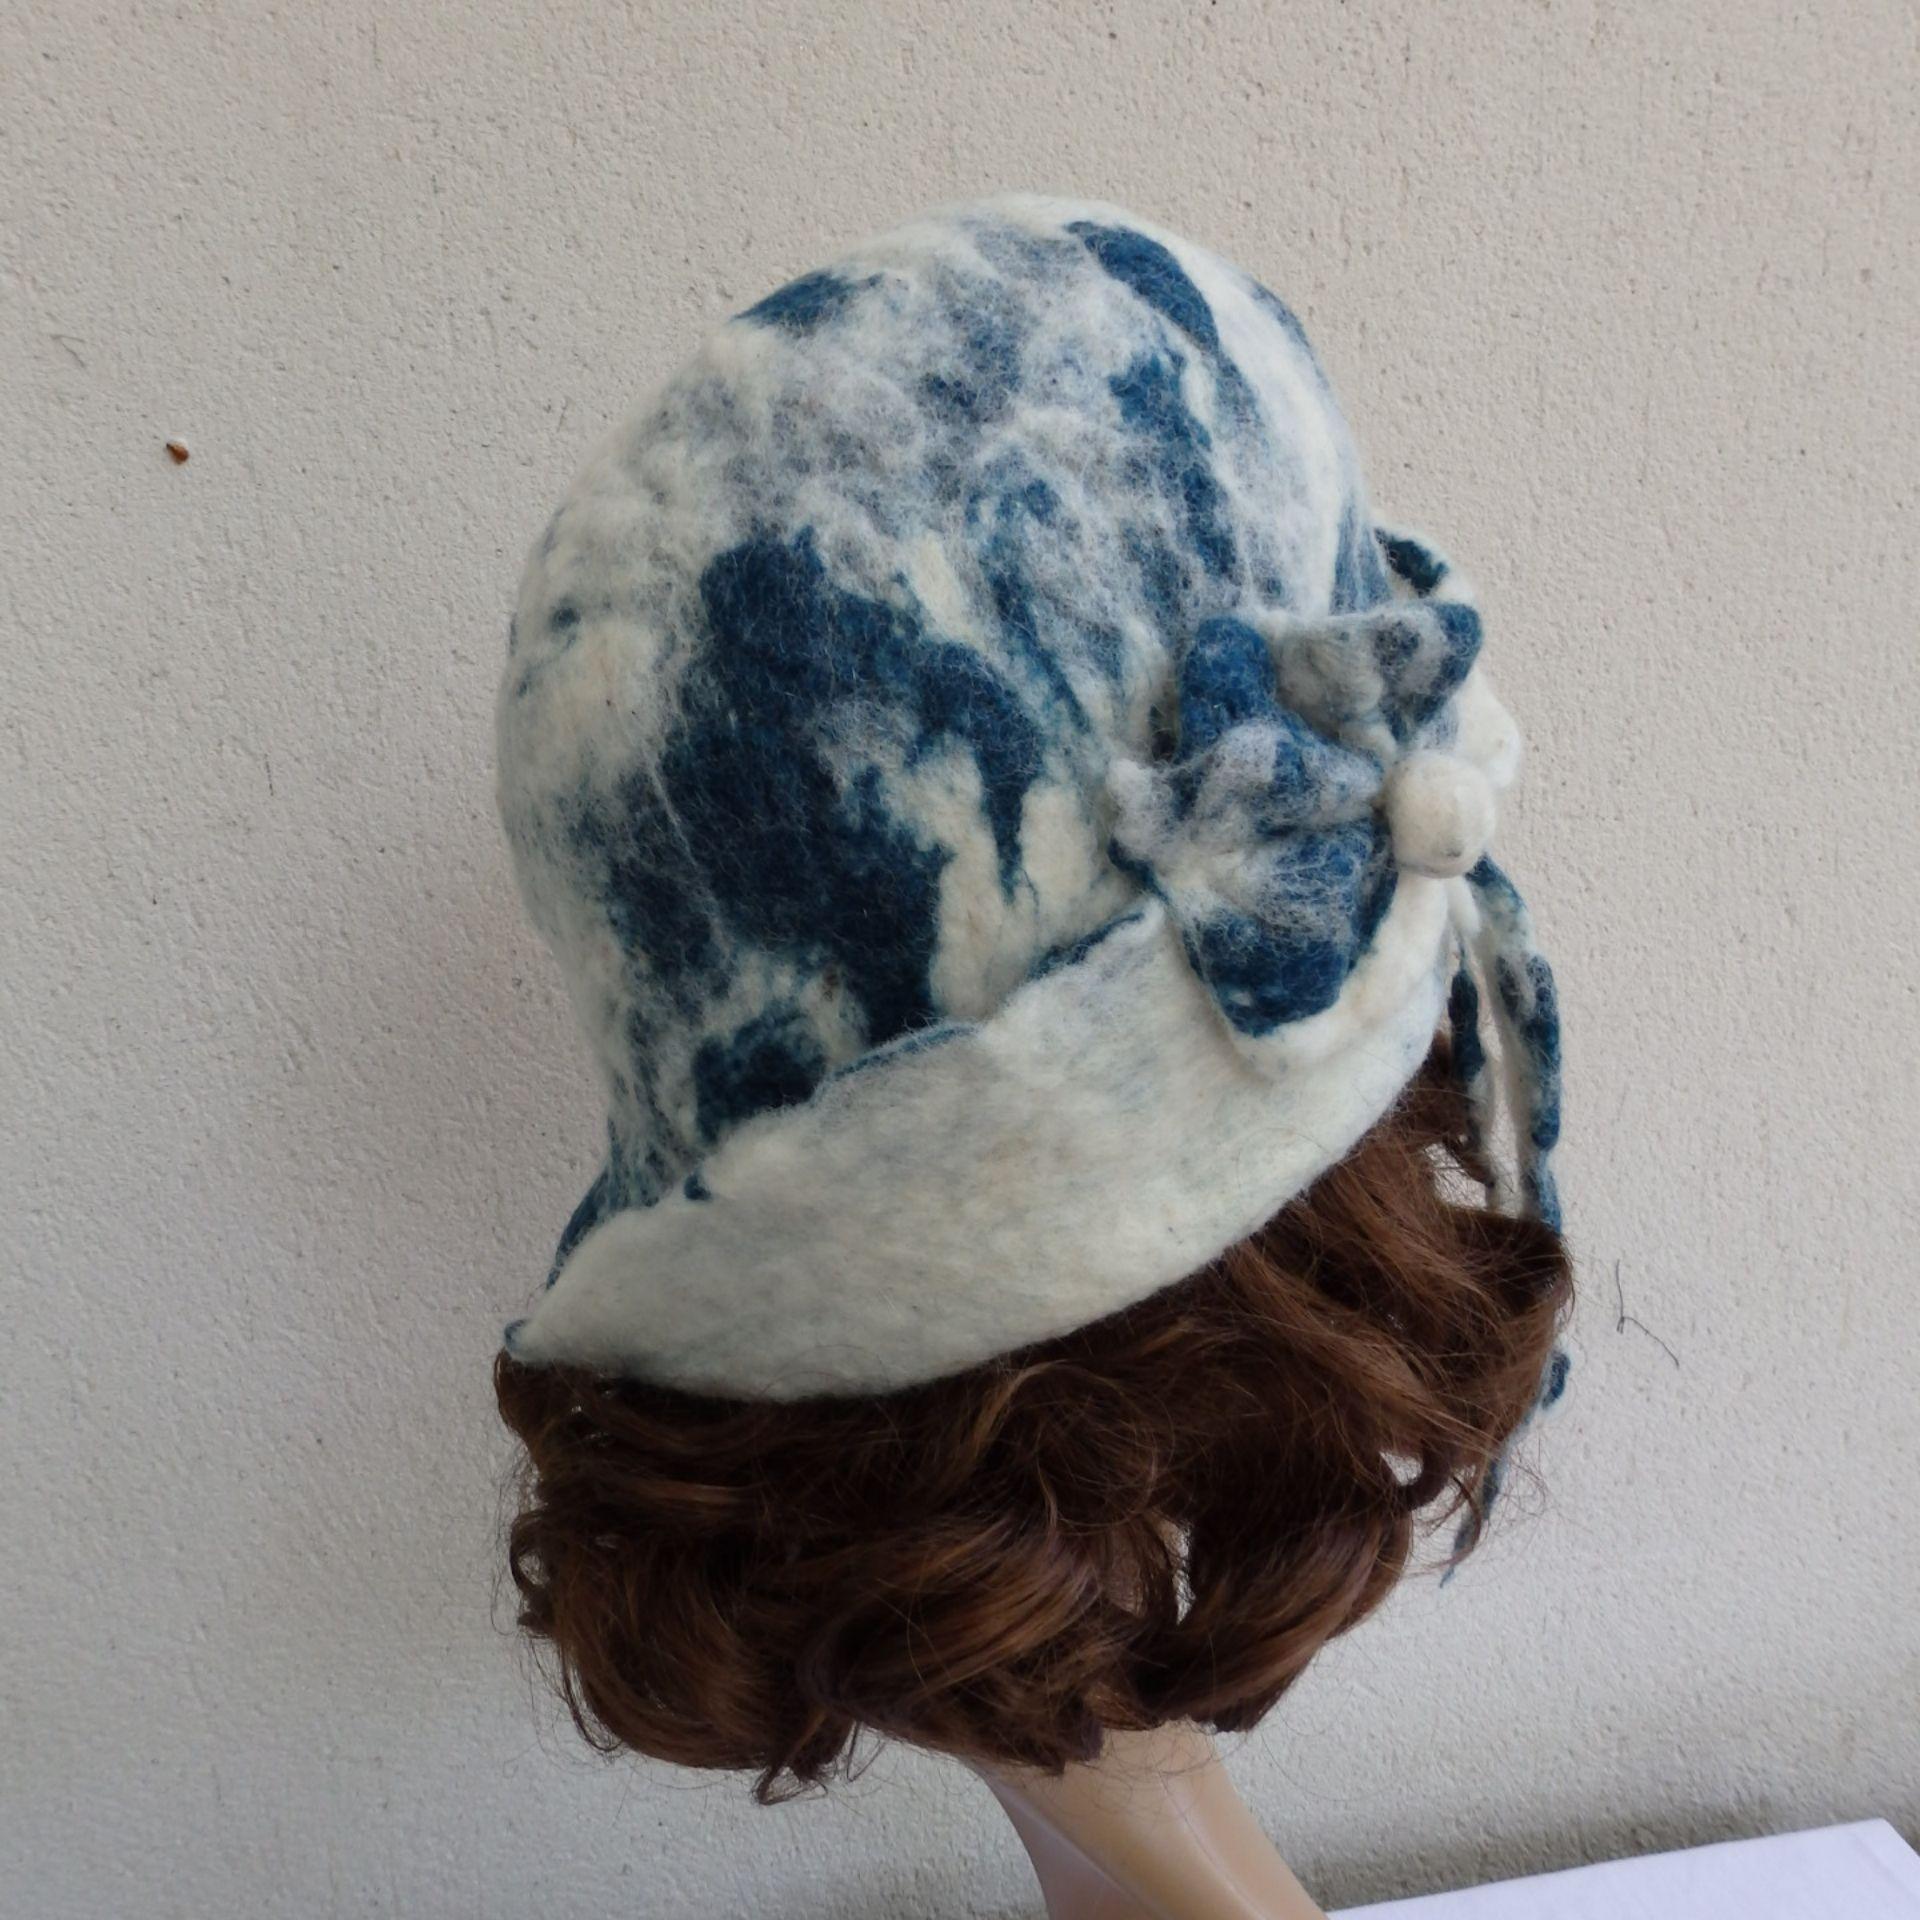 chapeau cloche atypique en laine de mouton feutrée à la main